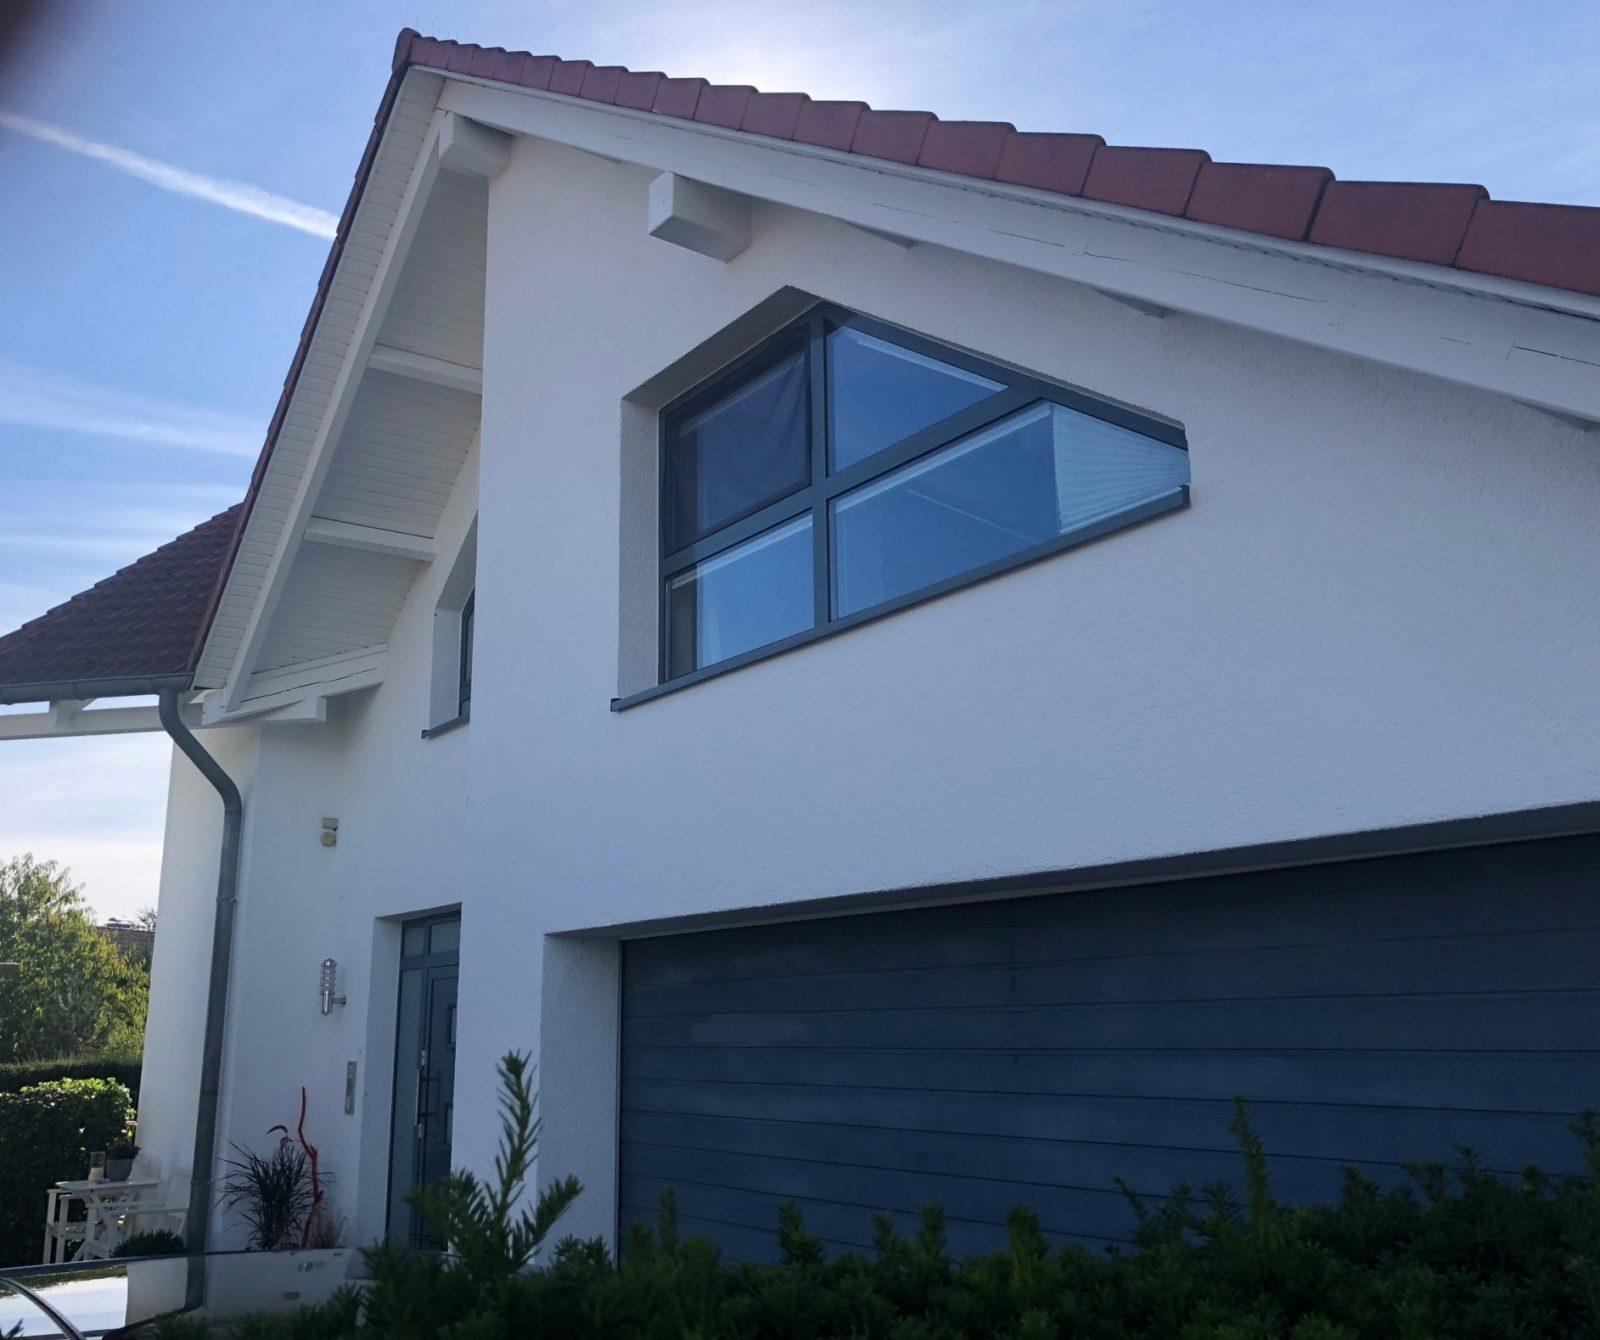 Fassade Ausbessern Und Streichen Kosten Für Sie Im Überblick von Fassade Streichen Kosten Pro Qm Bild